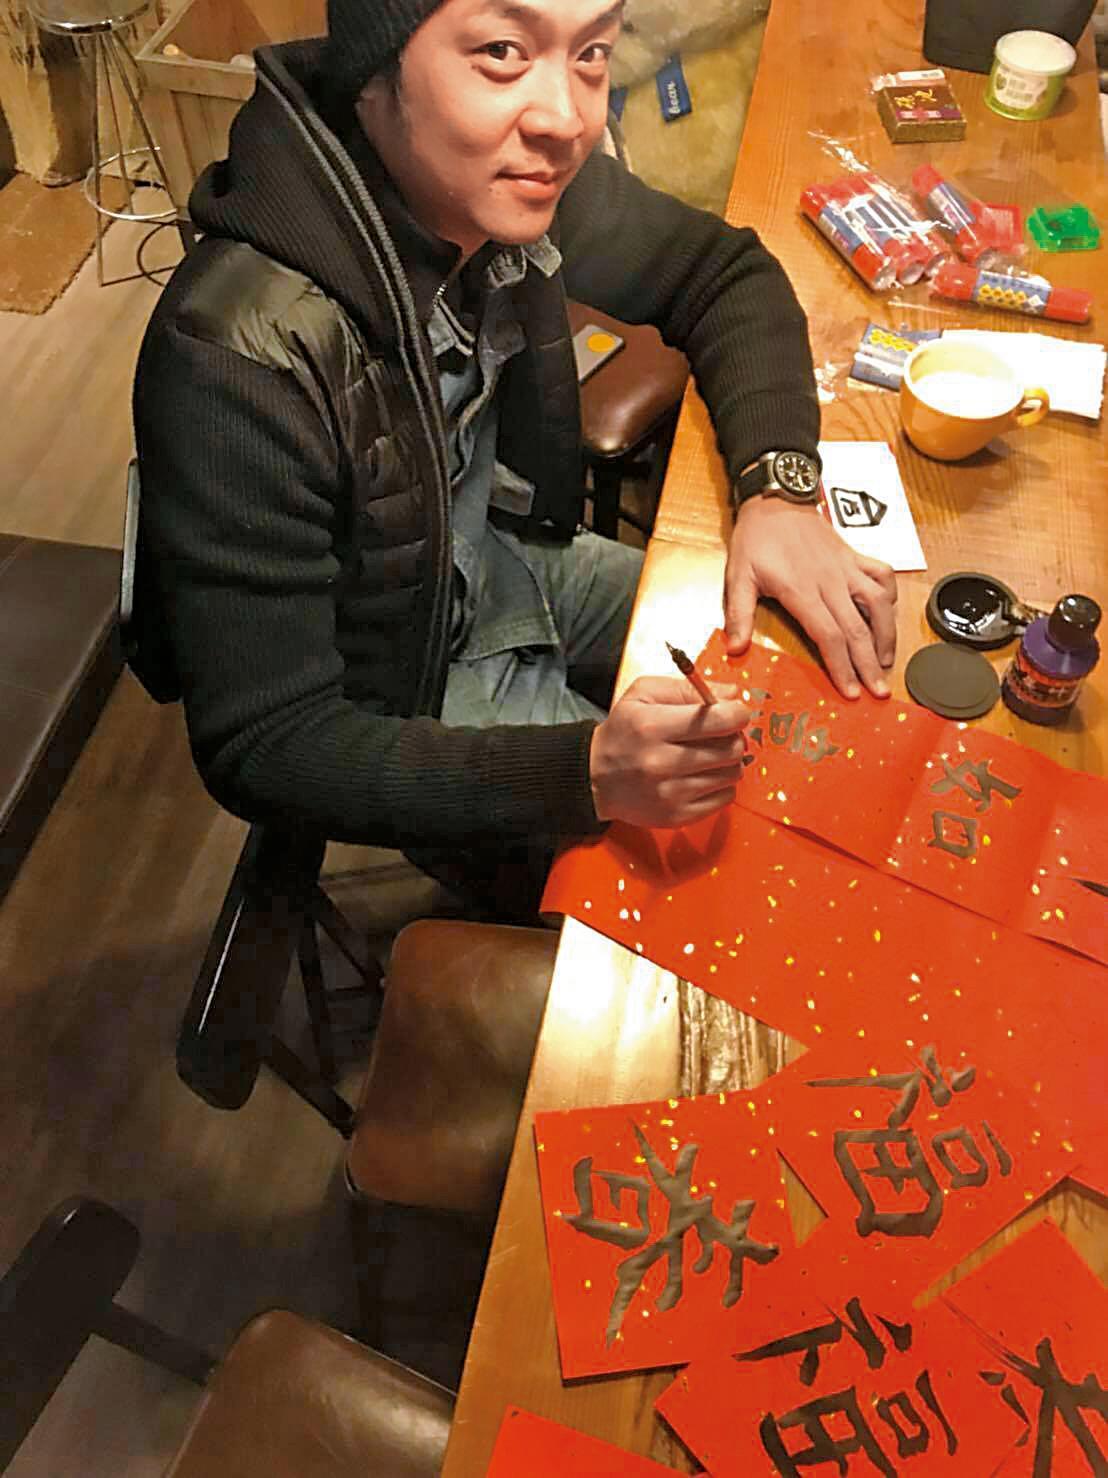 姚元浩今年過新年時開心寫的春字,與王心恬po在IG上的照片是同一張。(翻攝自姚元浩臉書)